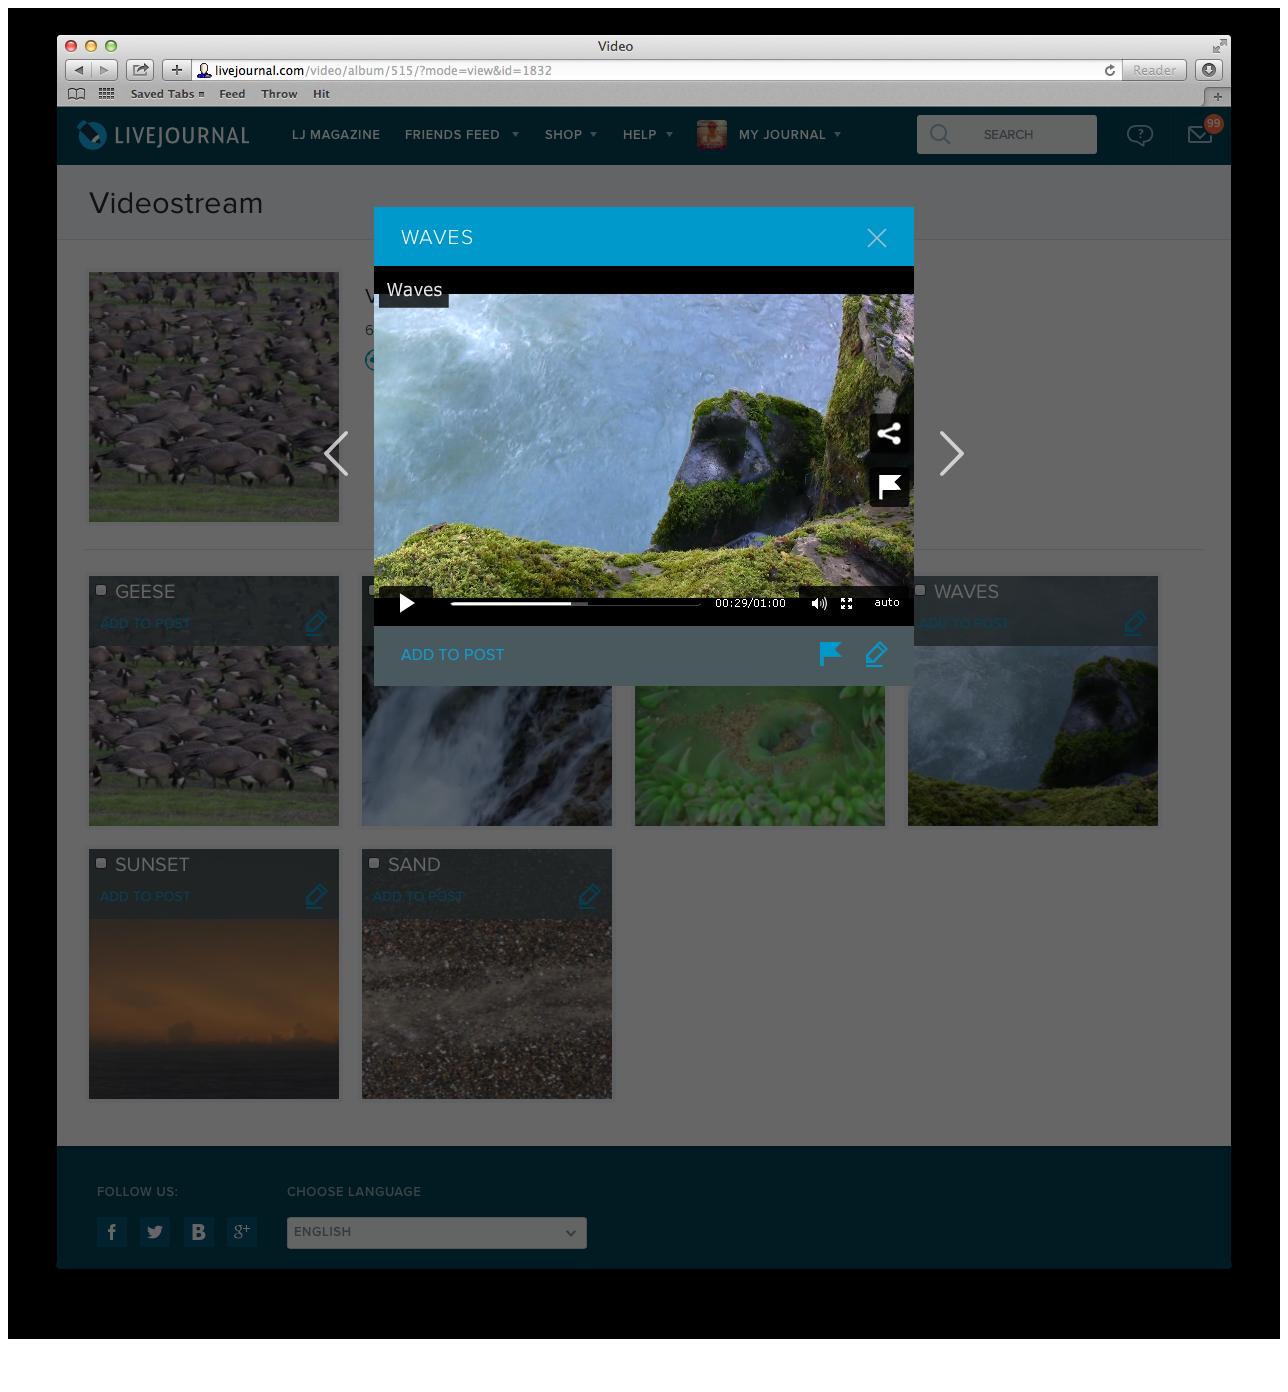 ЖЖ запустил бета-тестирование собственного видеохостинга - 2